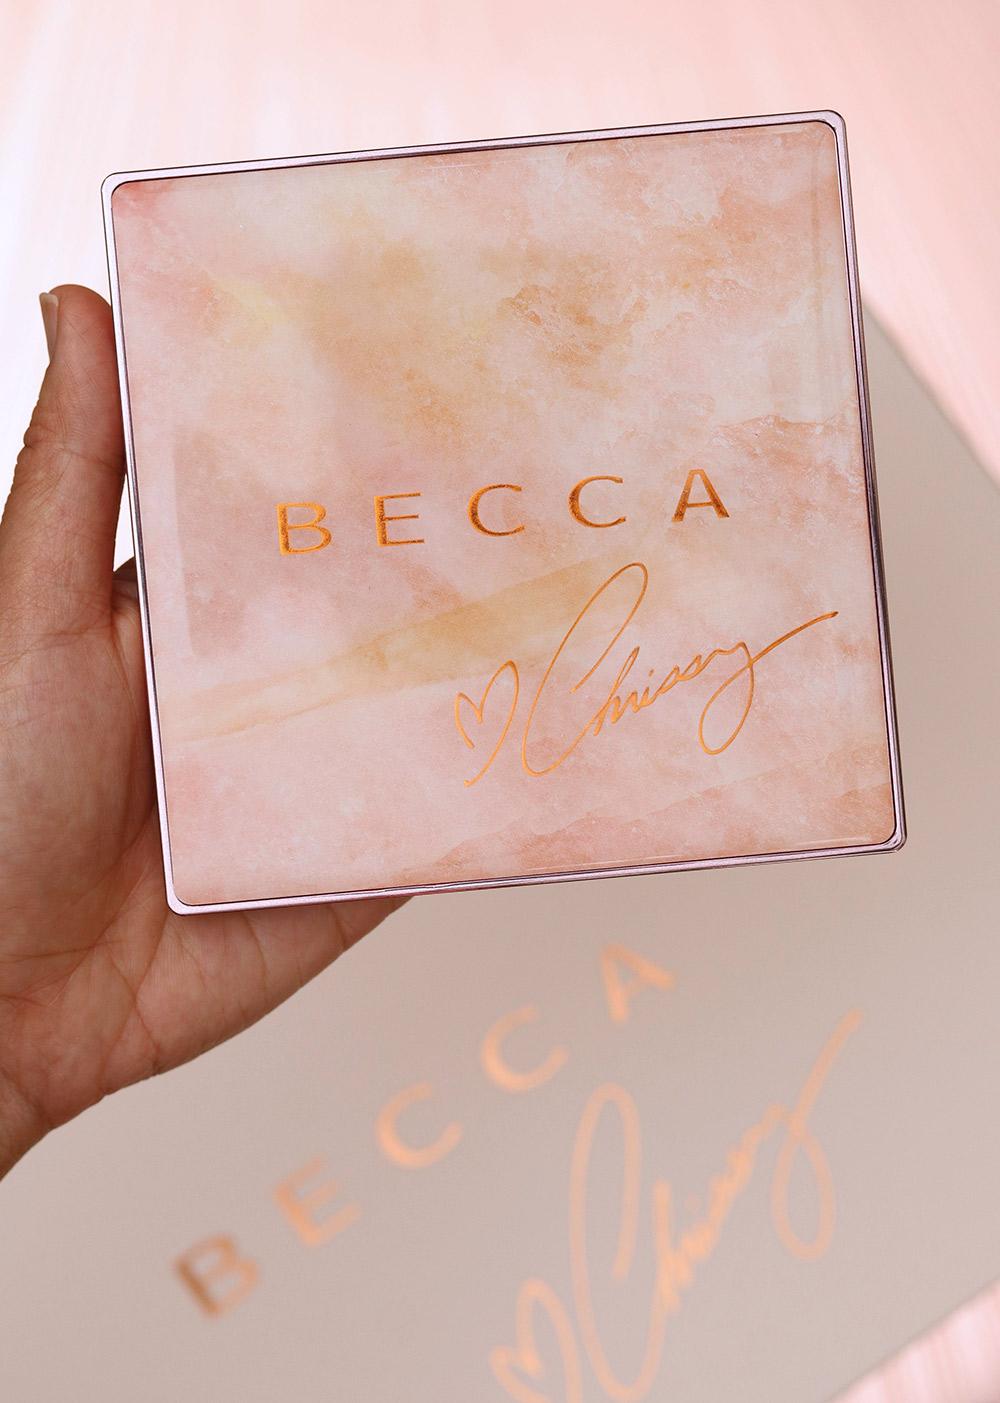 becca chrissy teigen packaging